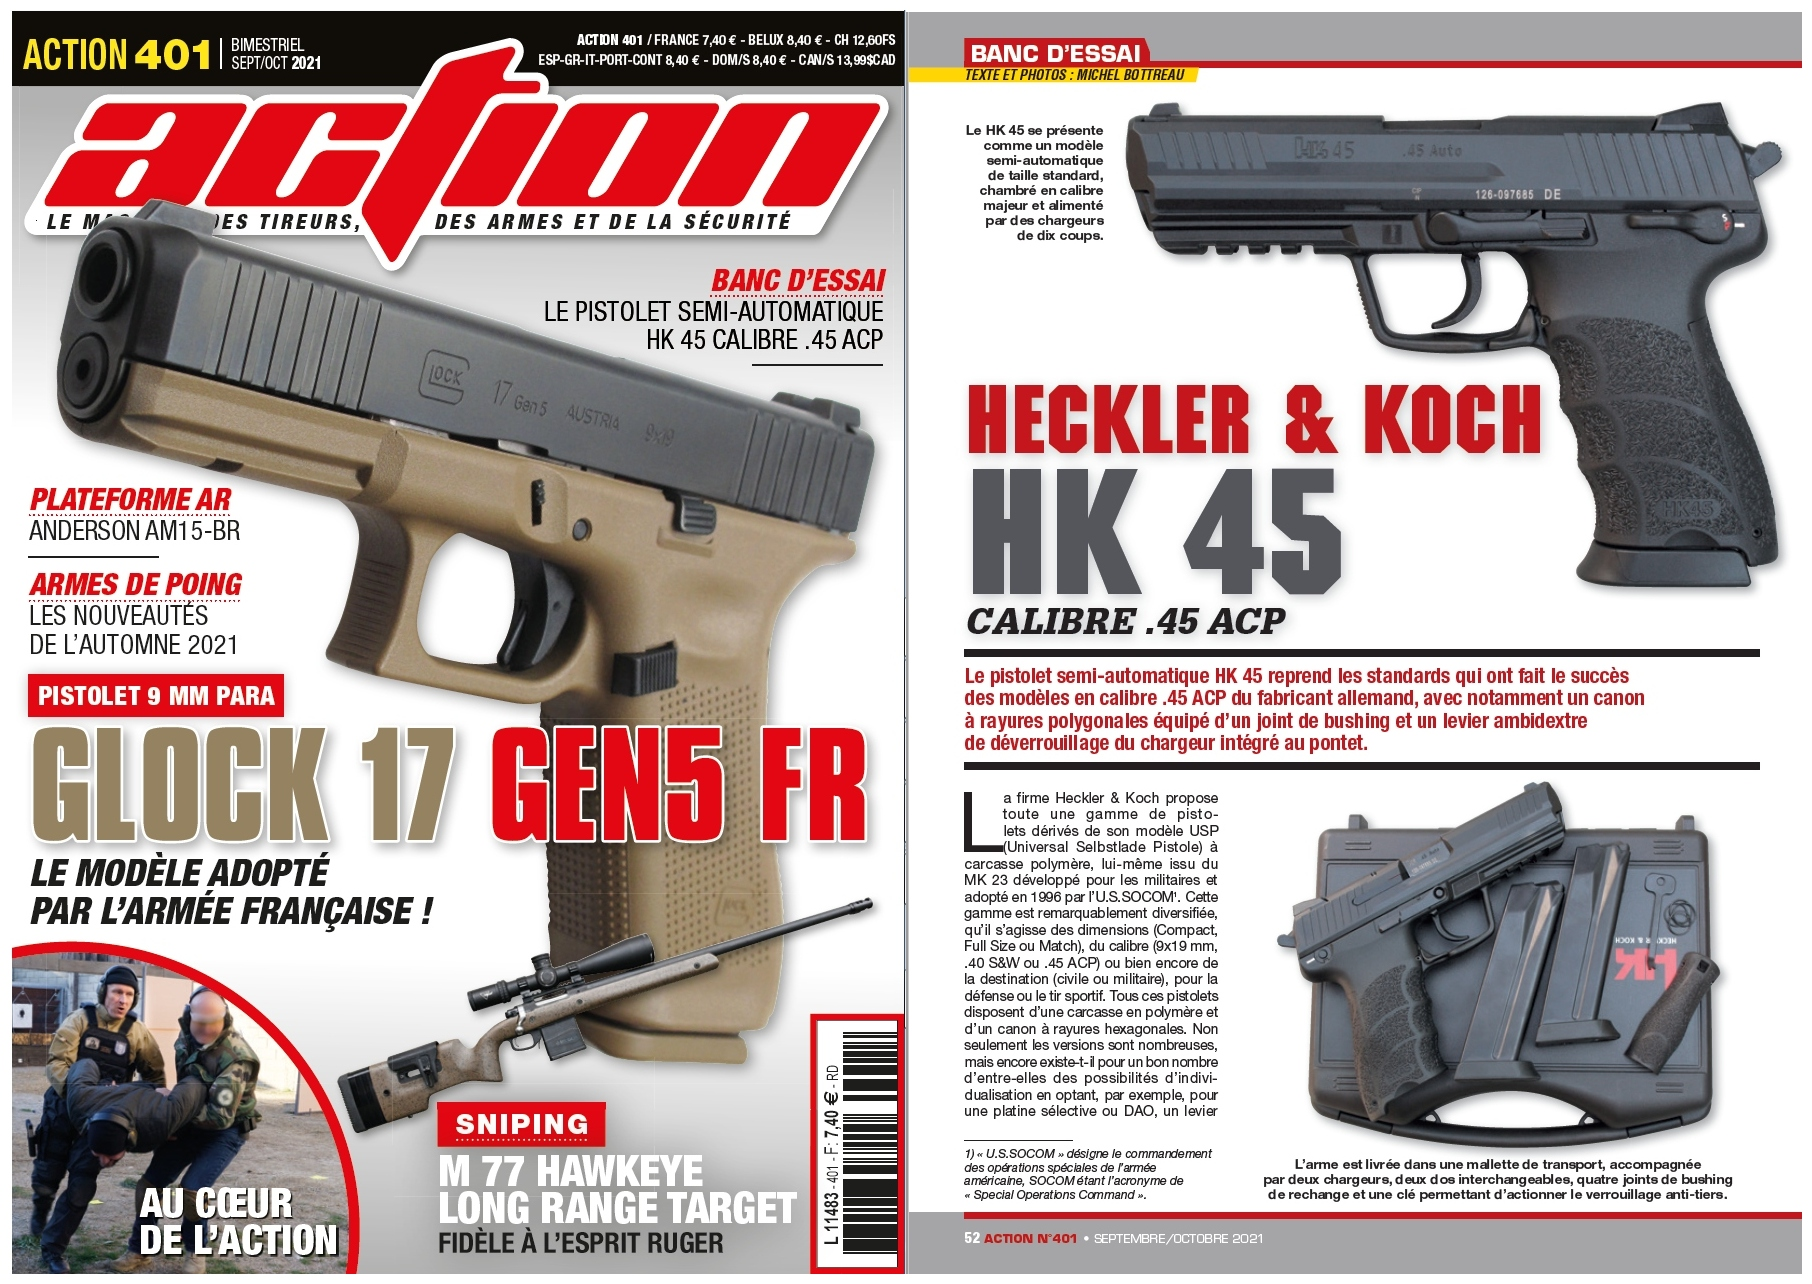 Le banc d'essai du pistolet HK 45 a été publié sur 6 pages dans le magazine Action n°401 (septembre/octobre 2021).